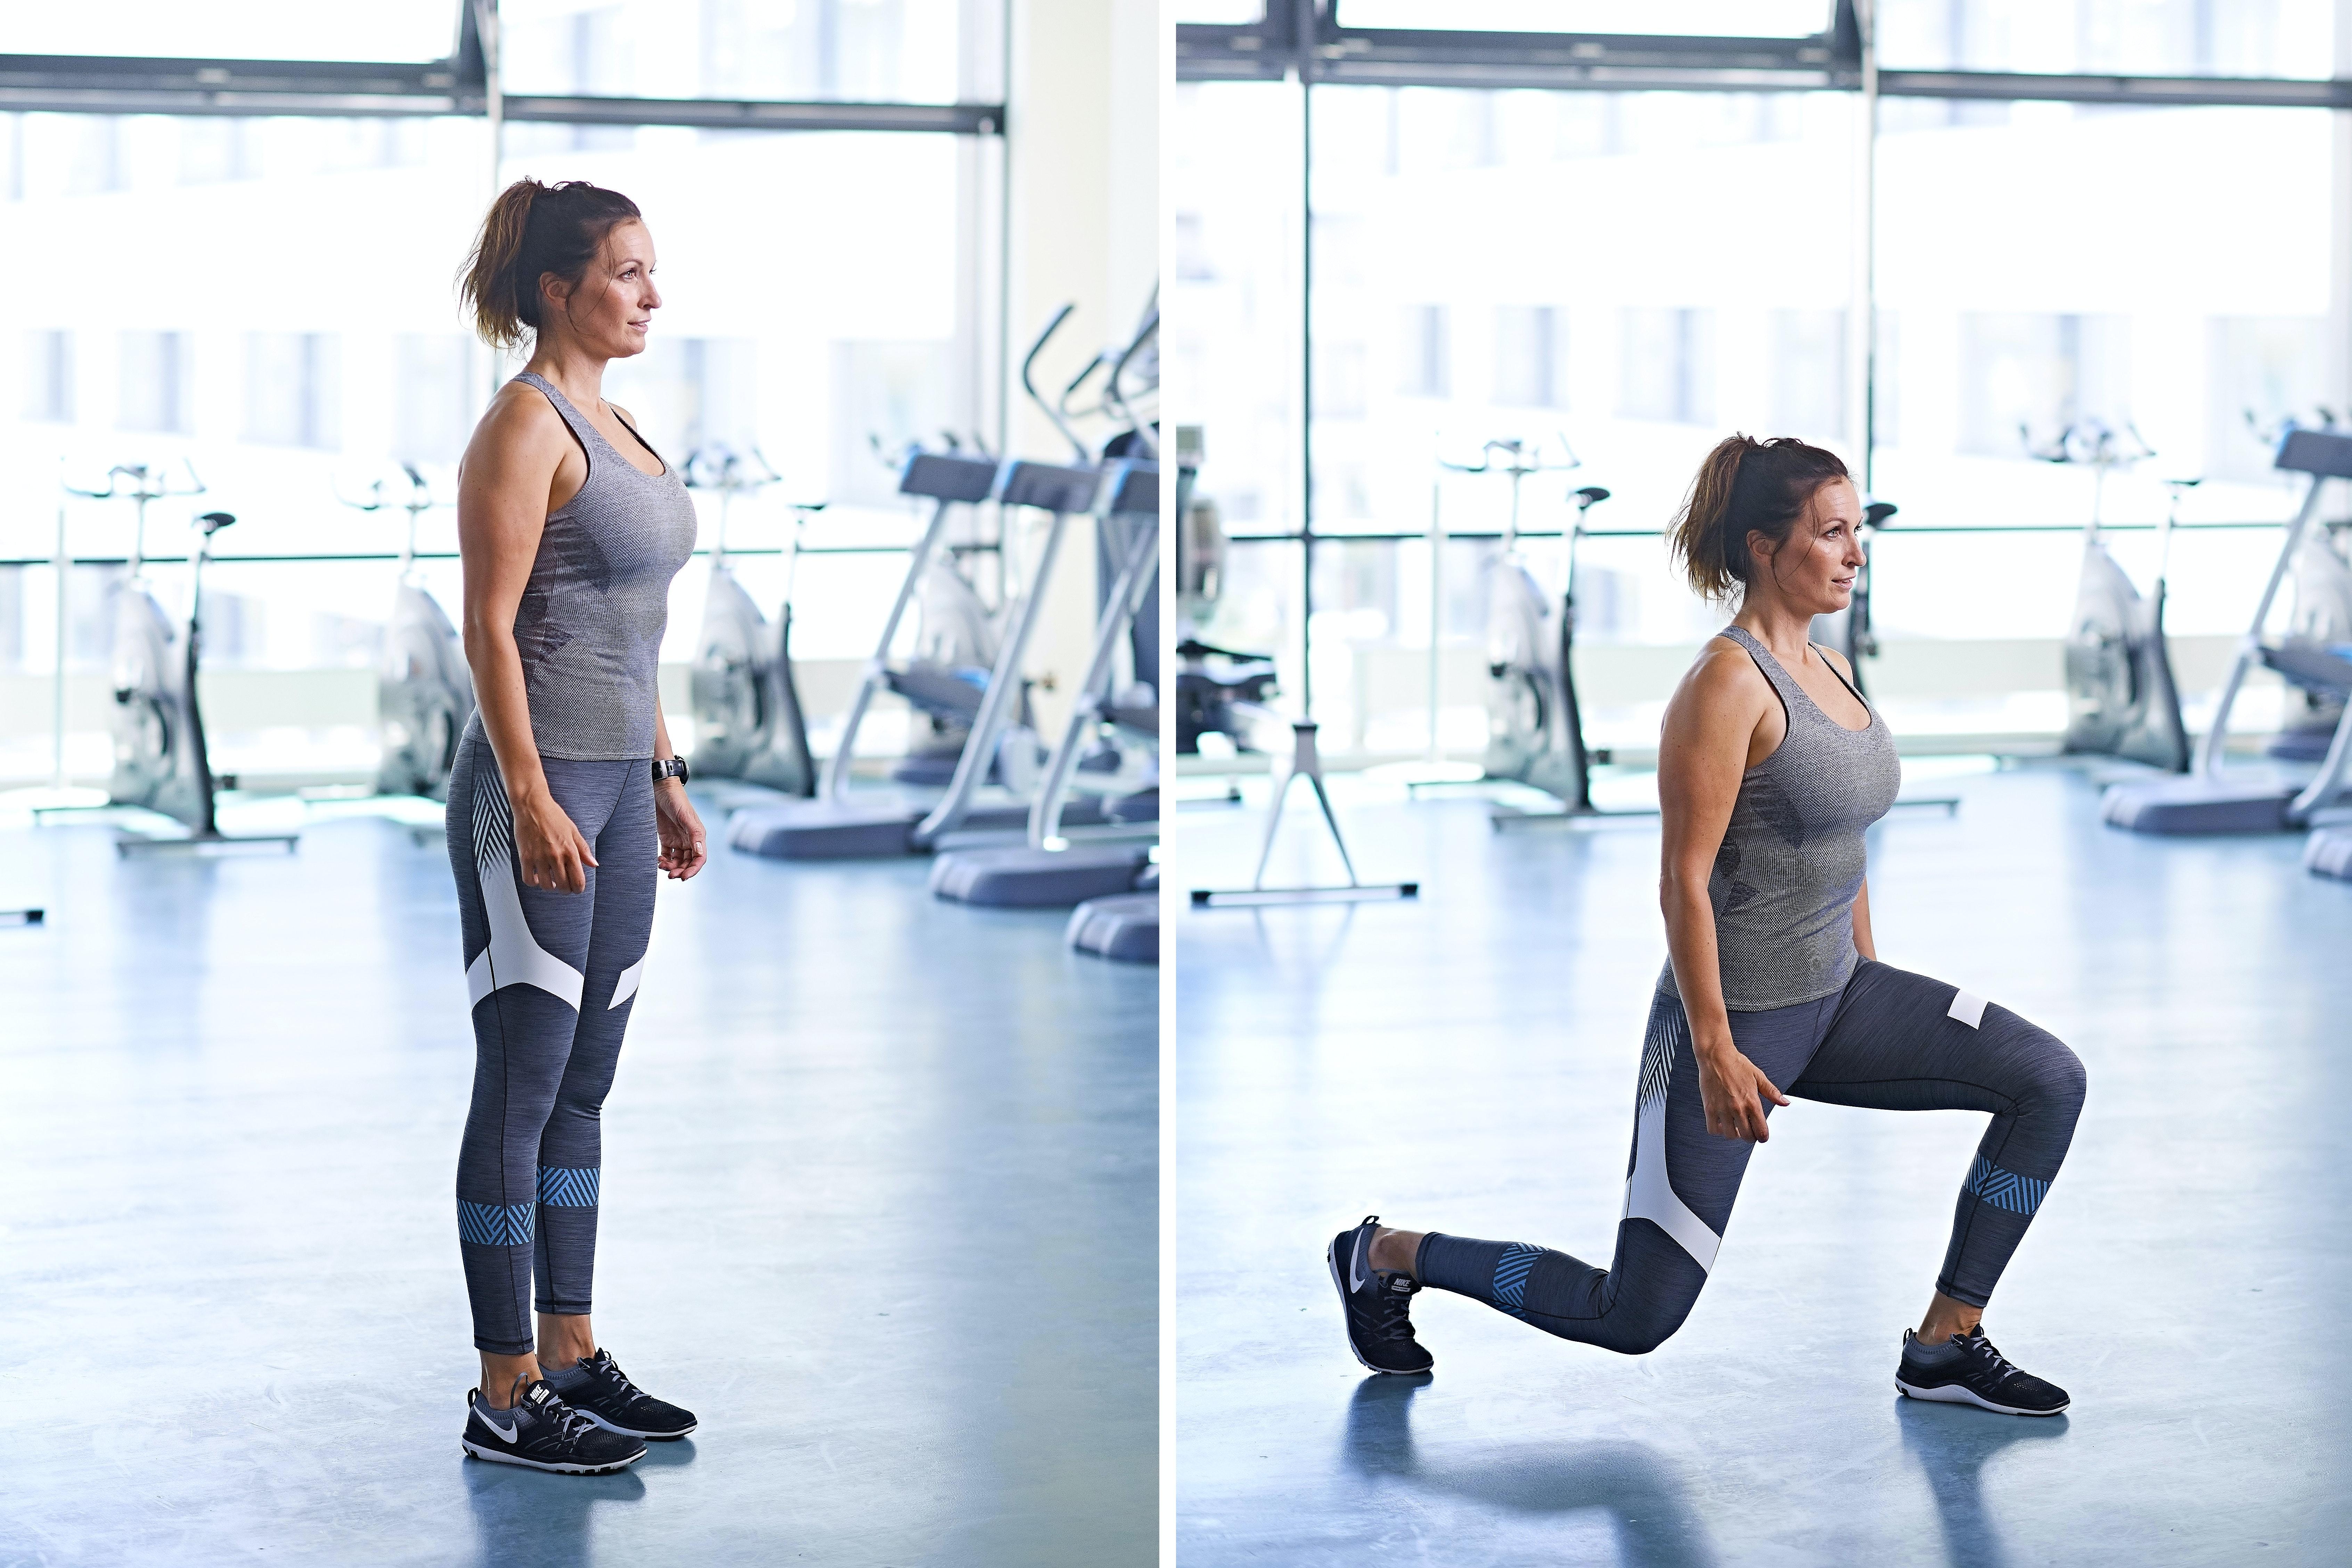 styrketräning med kroppen som vikt